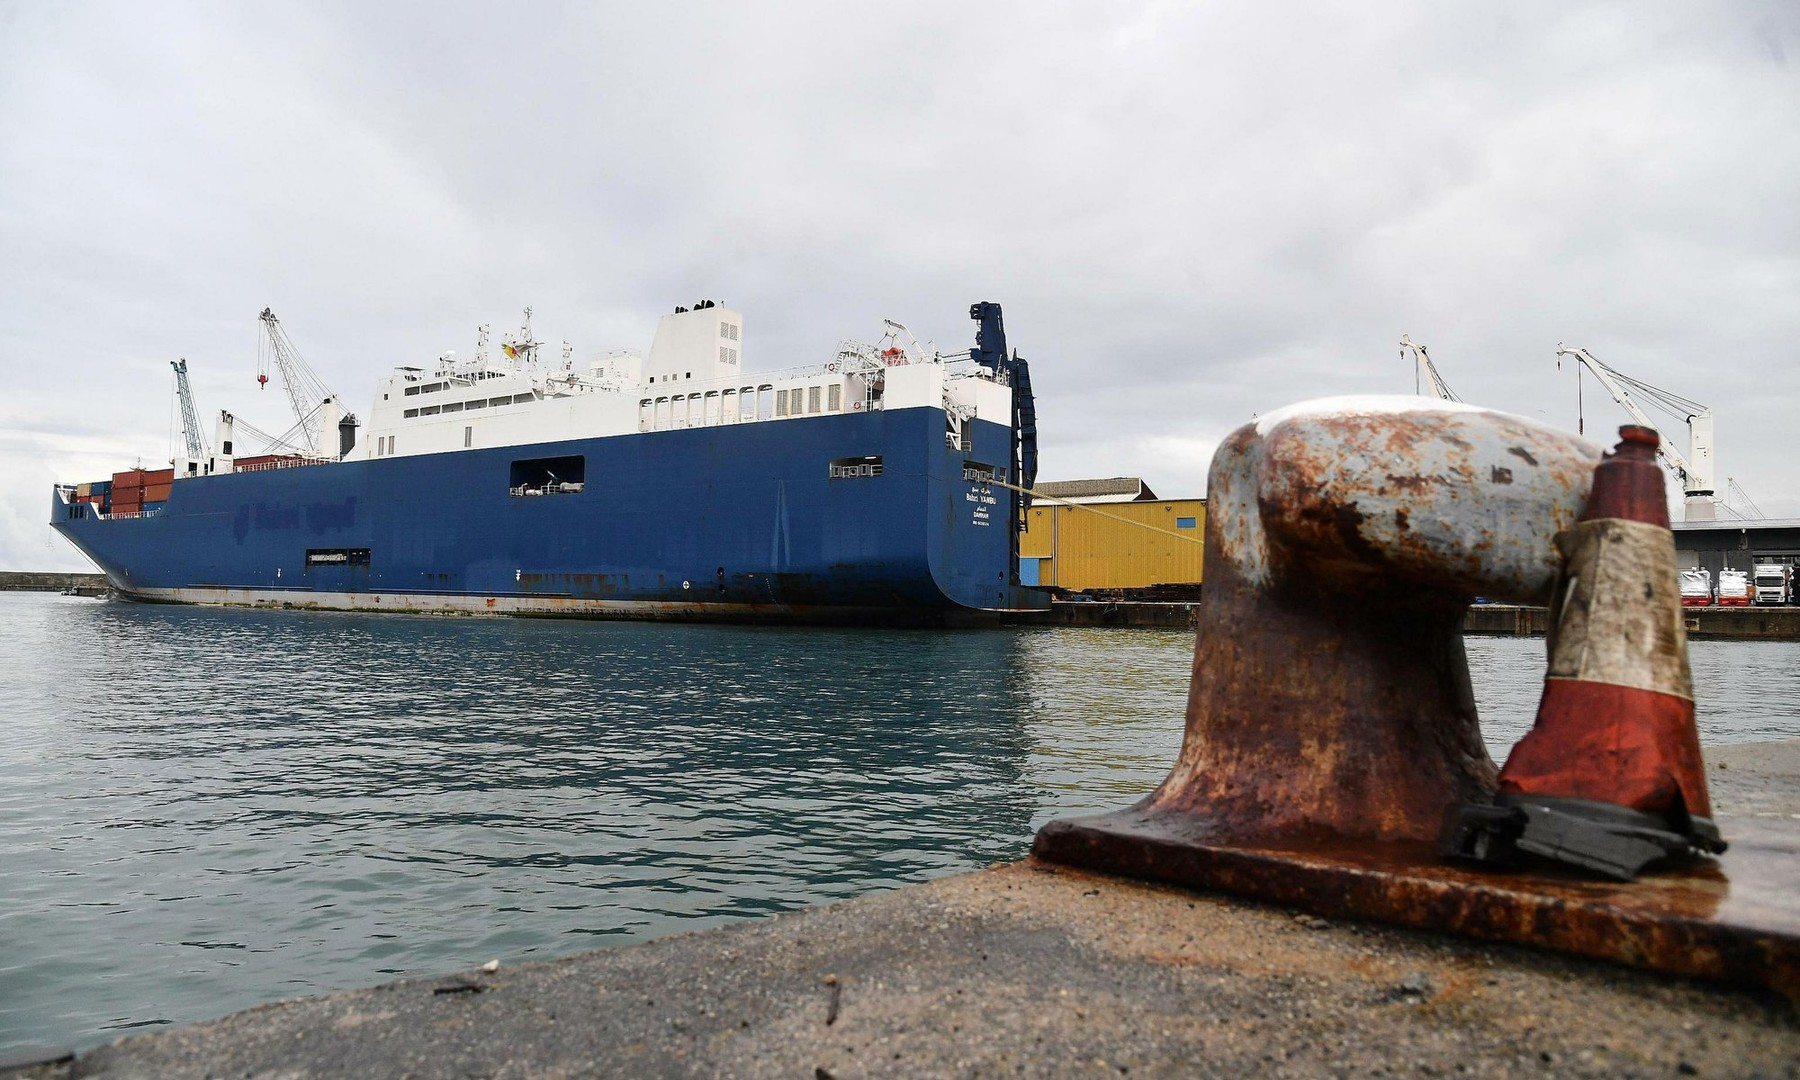 سفينة سعودية عجزت عن تحميل شحنة أسلحة في فرنسا تصل ميناء في إيطاليا رغم احتجاجات العمال